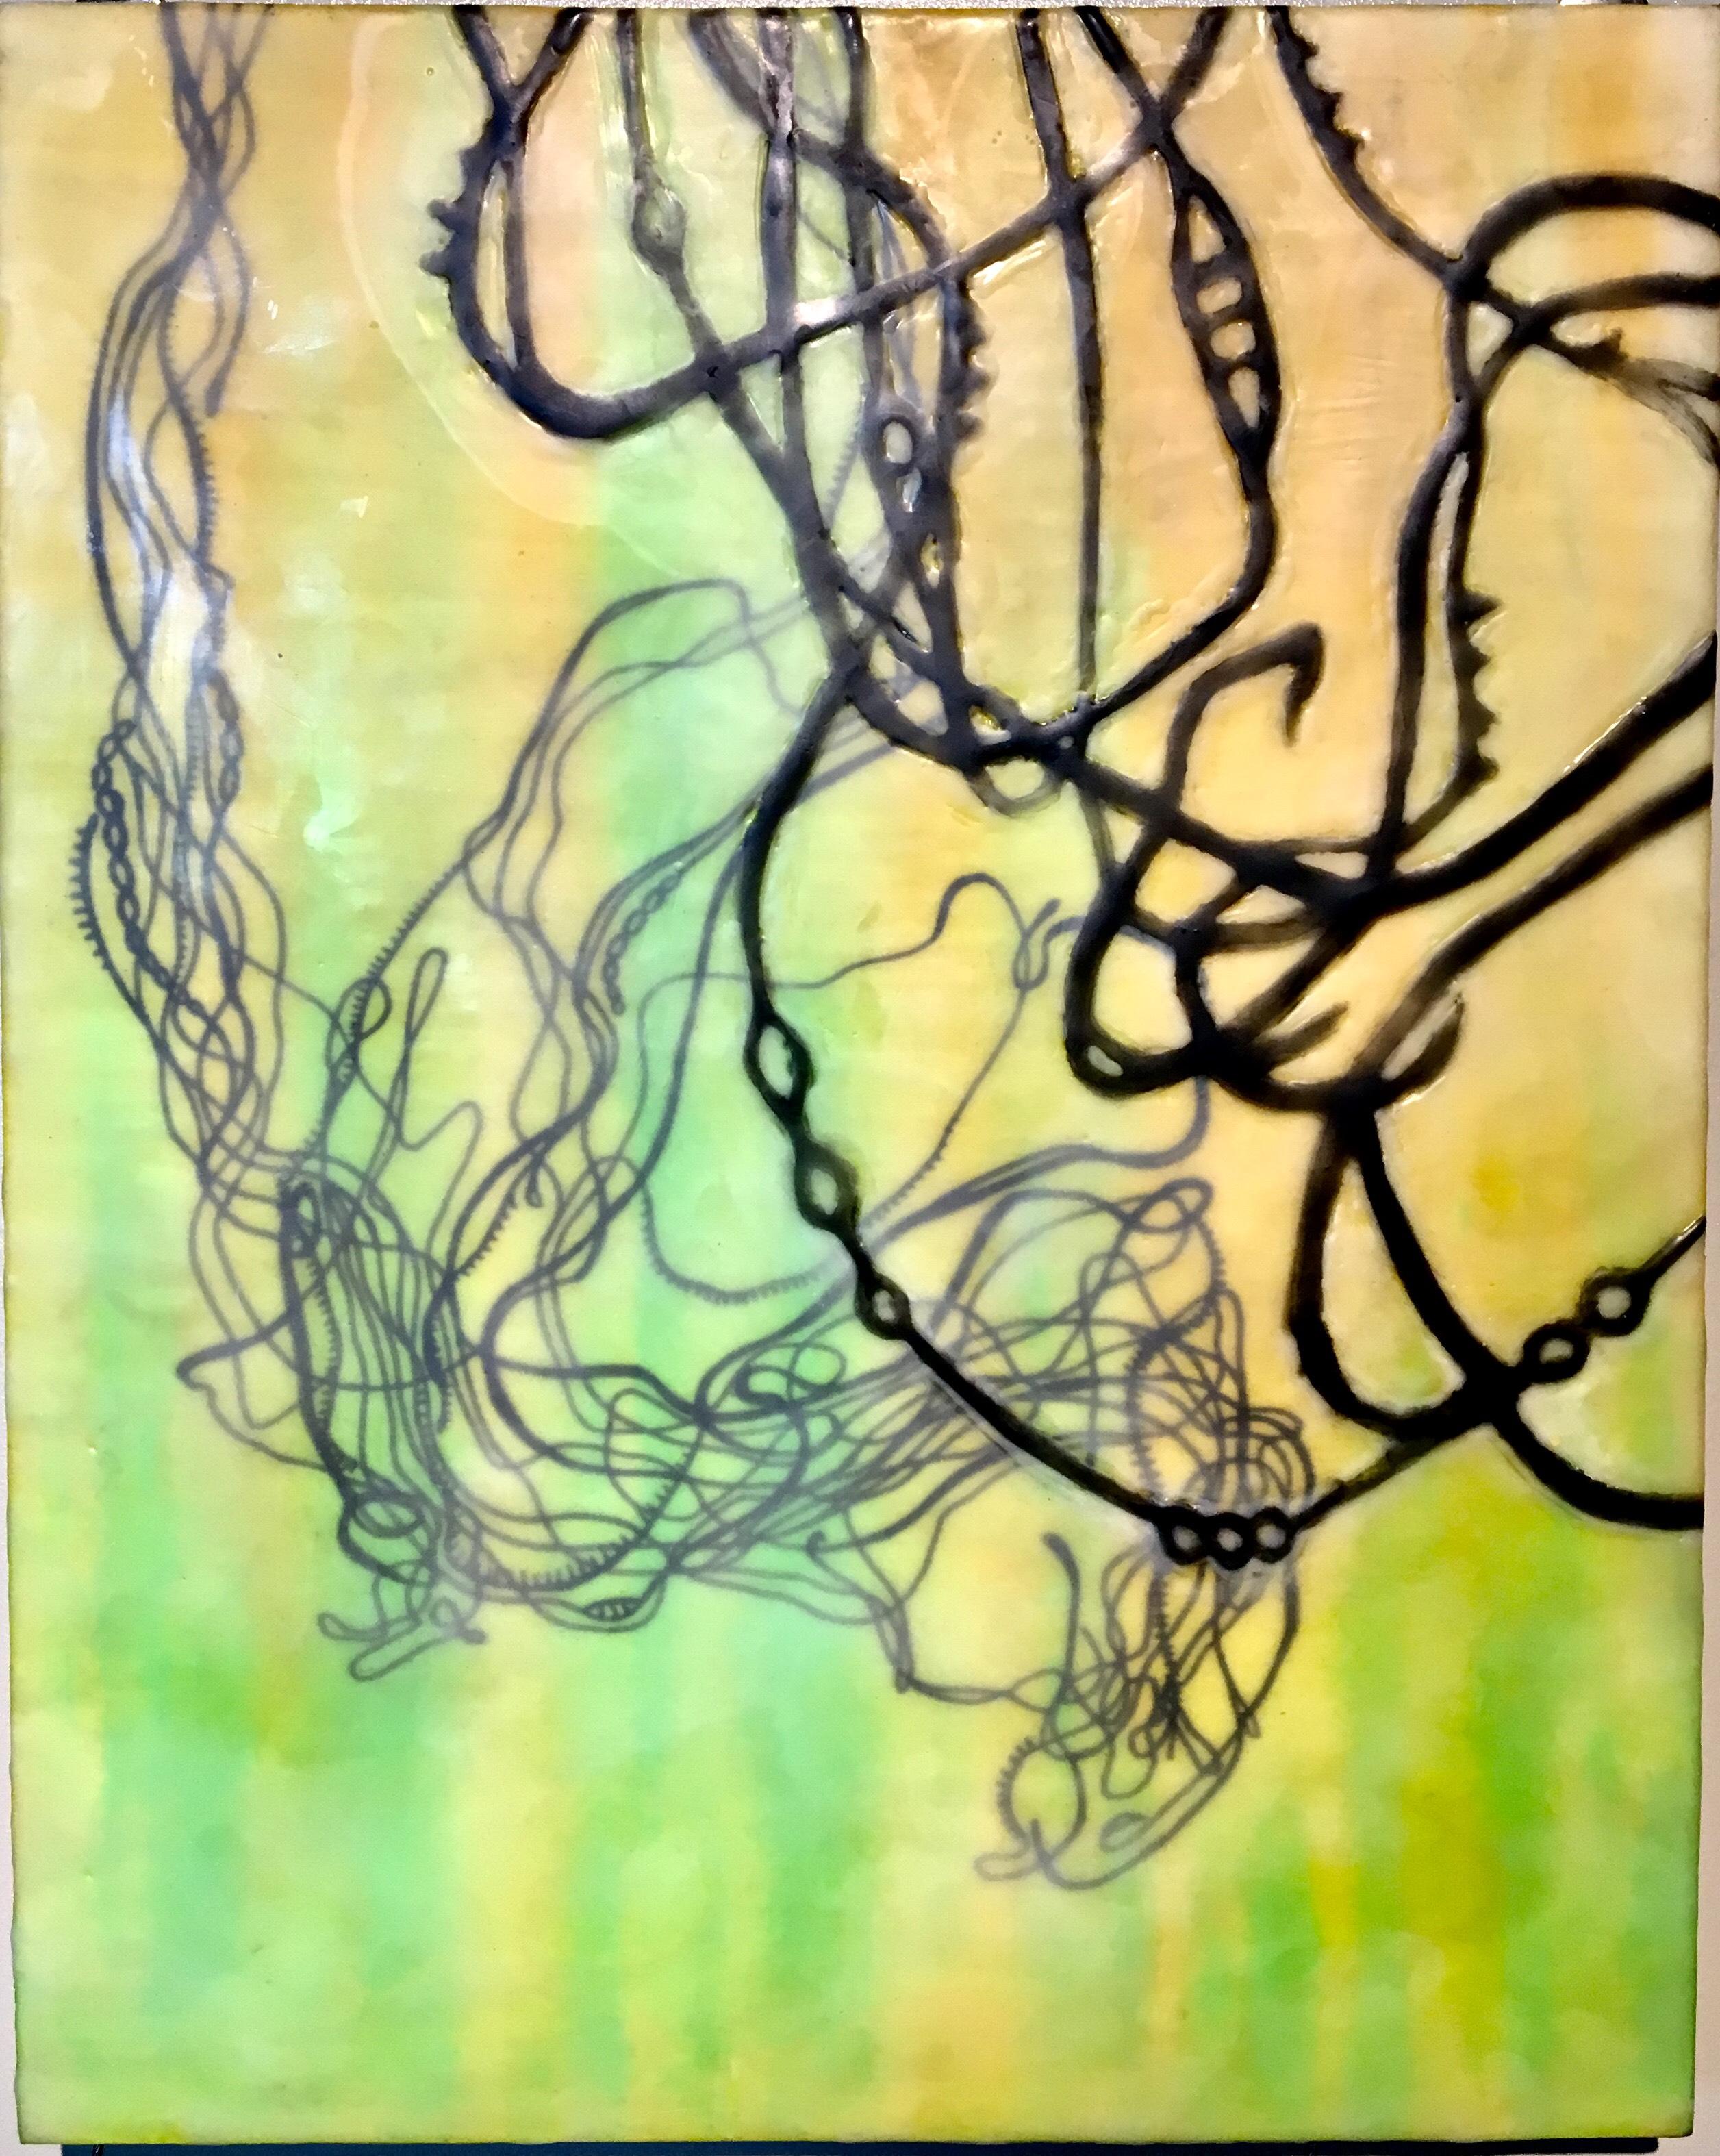 Betni Kalk at Fred Simon Gallery